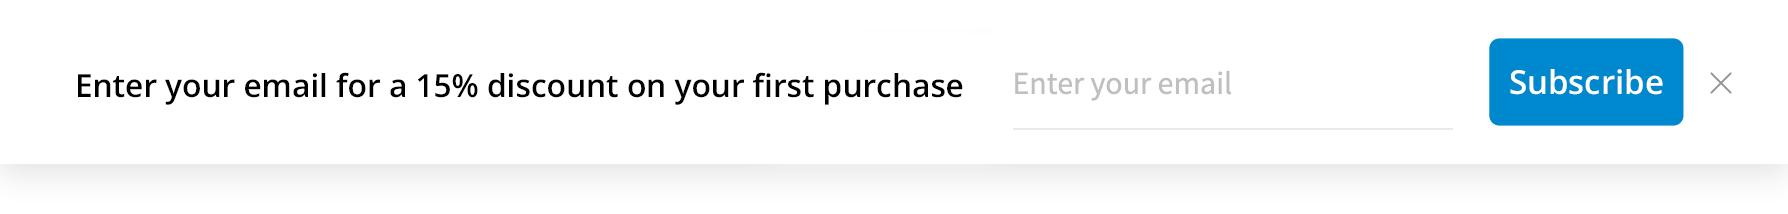 Using an info bar as an on-site message